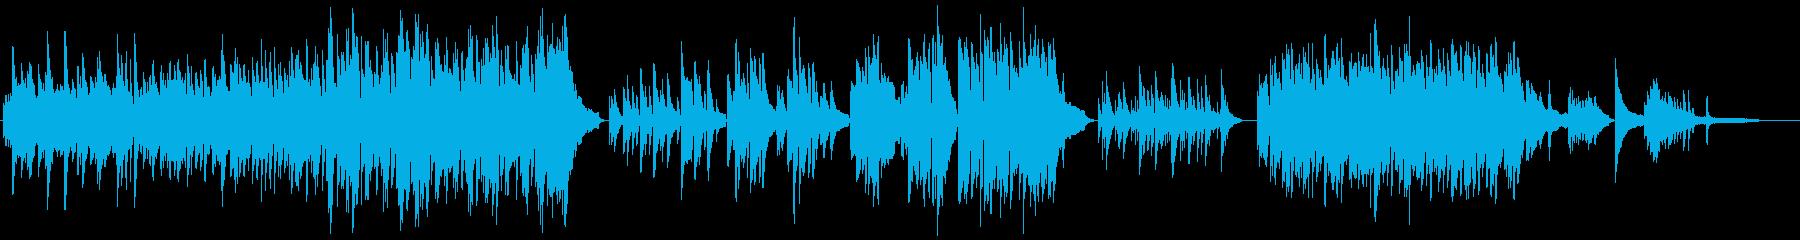 感動的な和風ピアノインストゥルメンタルの再生済みの波形